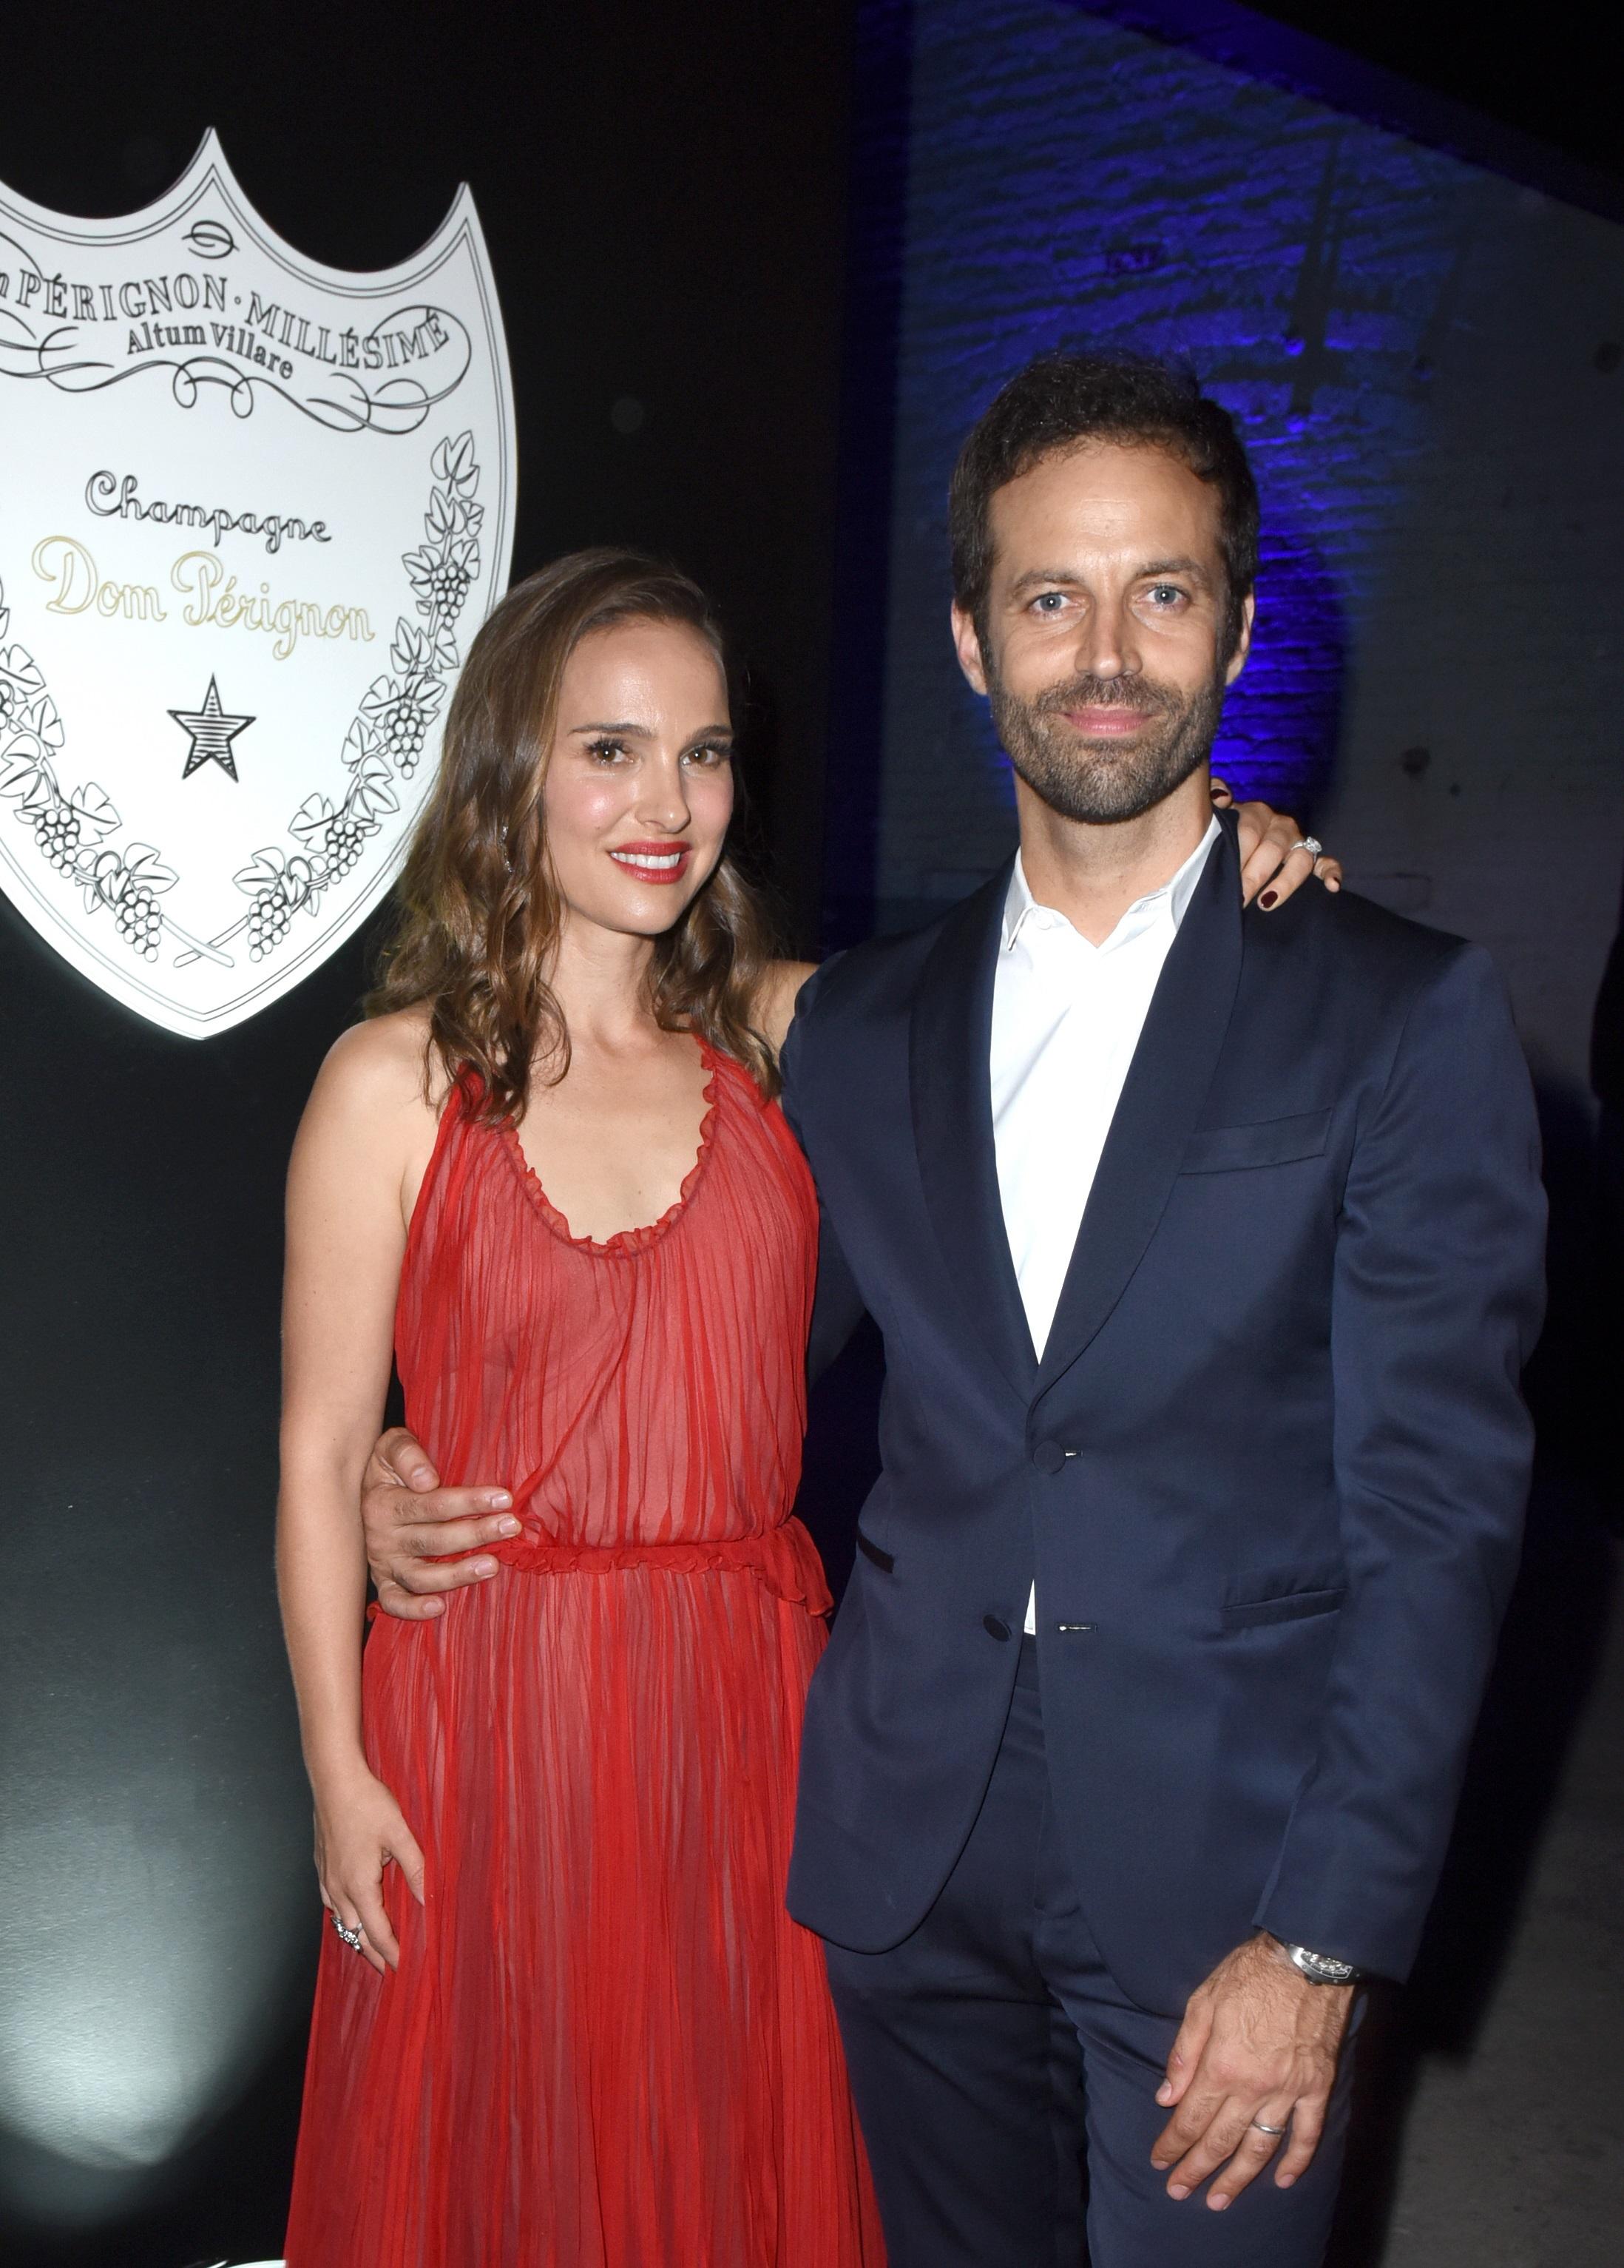 """Натали Портман и Бенджамин Милпие<br /> <br /> Натали среща съпруга си Бенджамин, който е хореограф, по време на снимките на филма """"Черният лебед"""" през 2010 г. Две години по-късно се ожениха."""